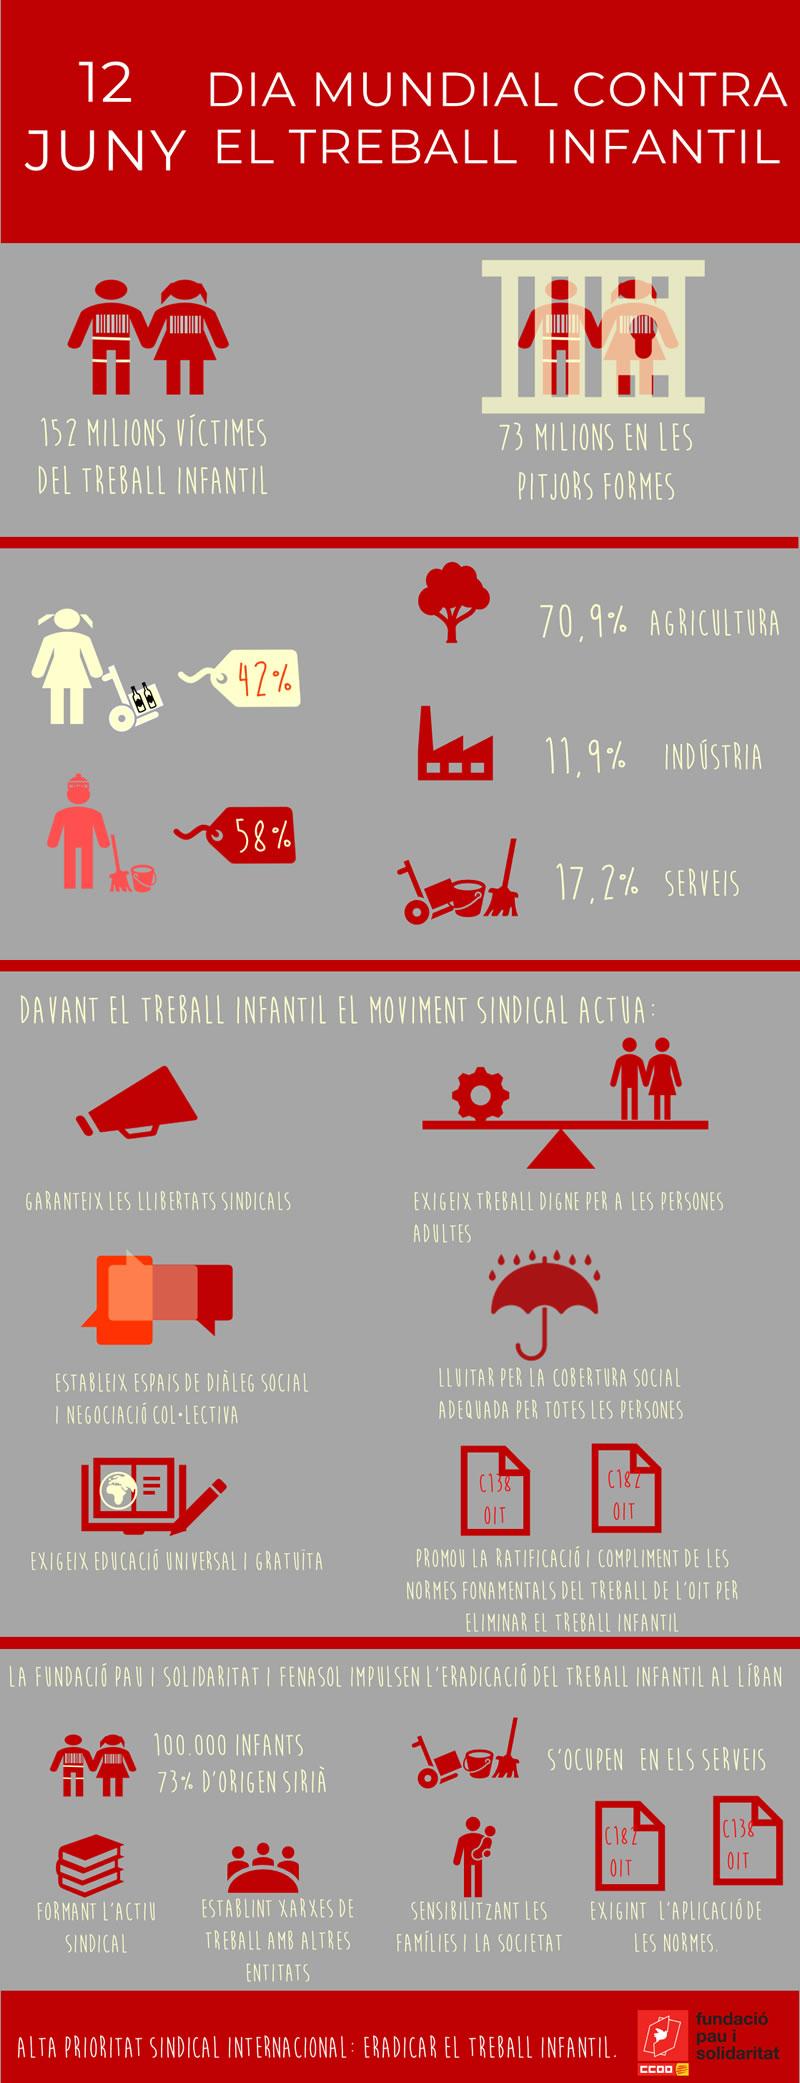 152 milions de víctimes del treball infantil al món